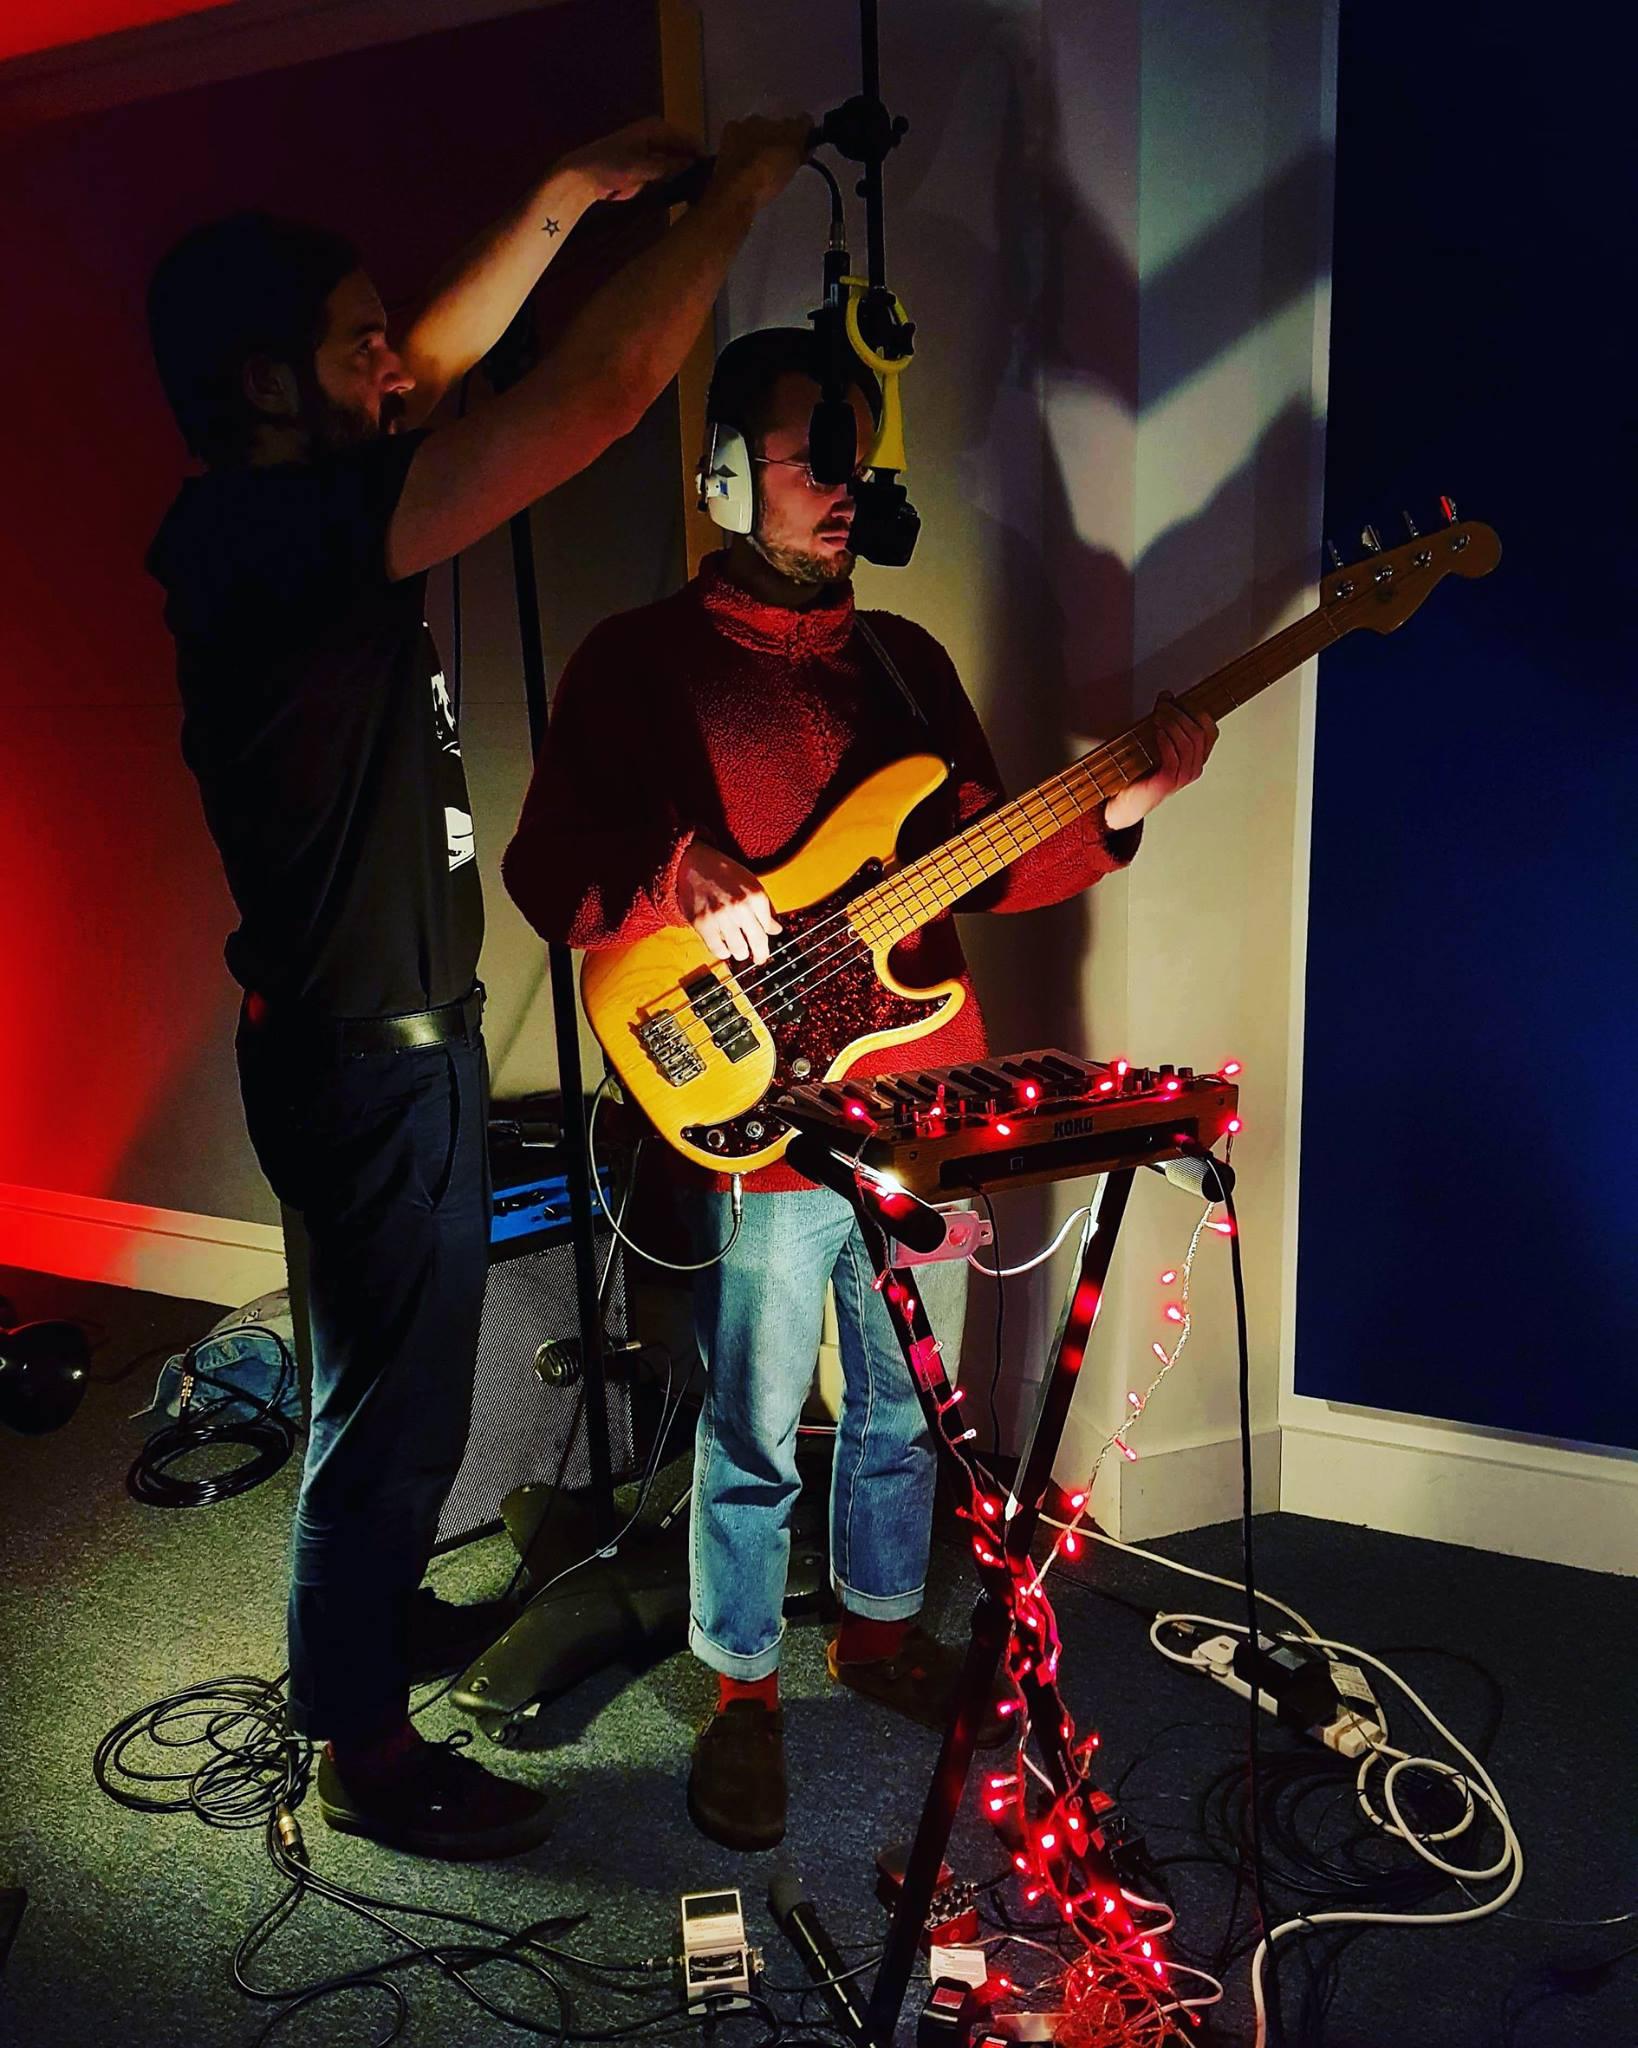 Camera + Ambisonic mic on bass